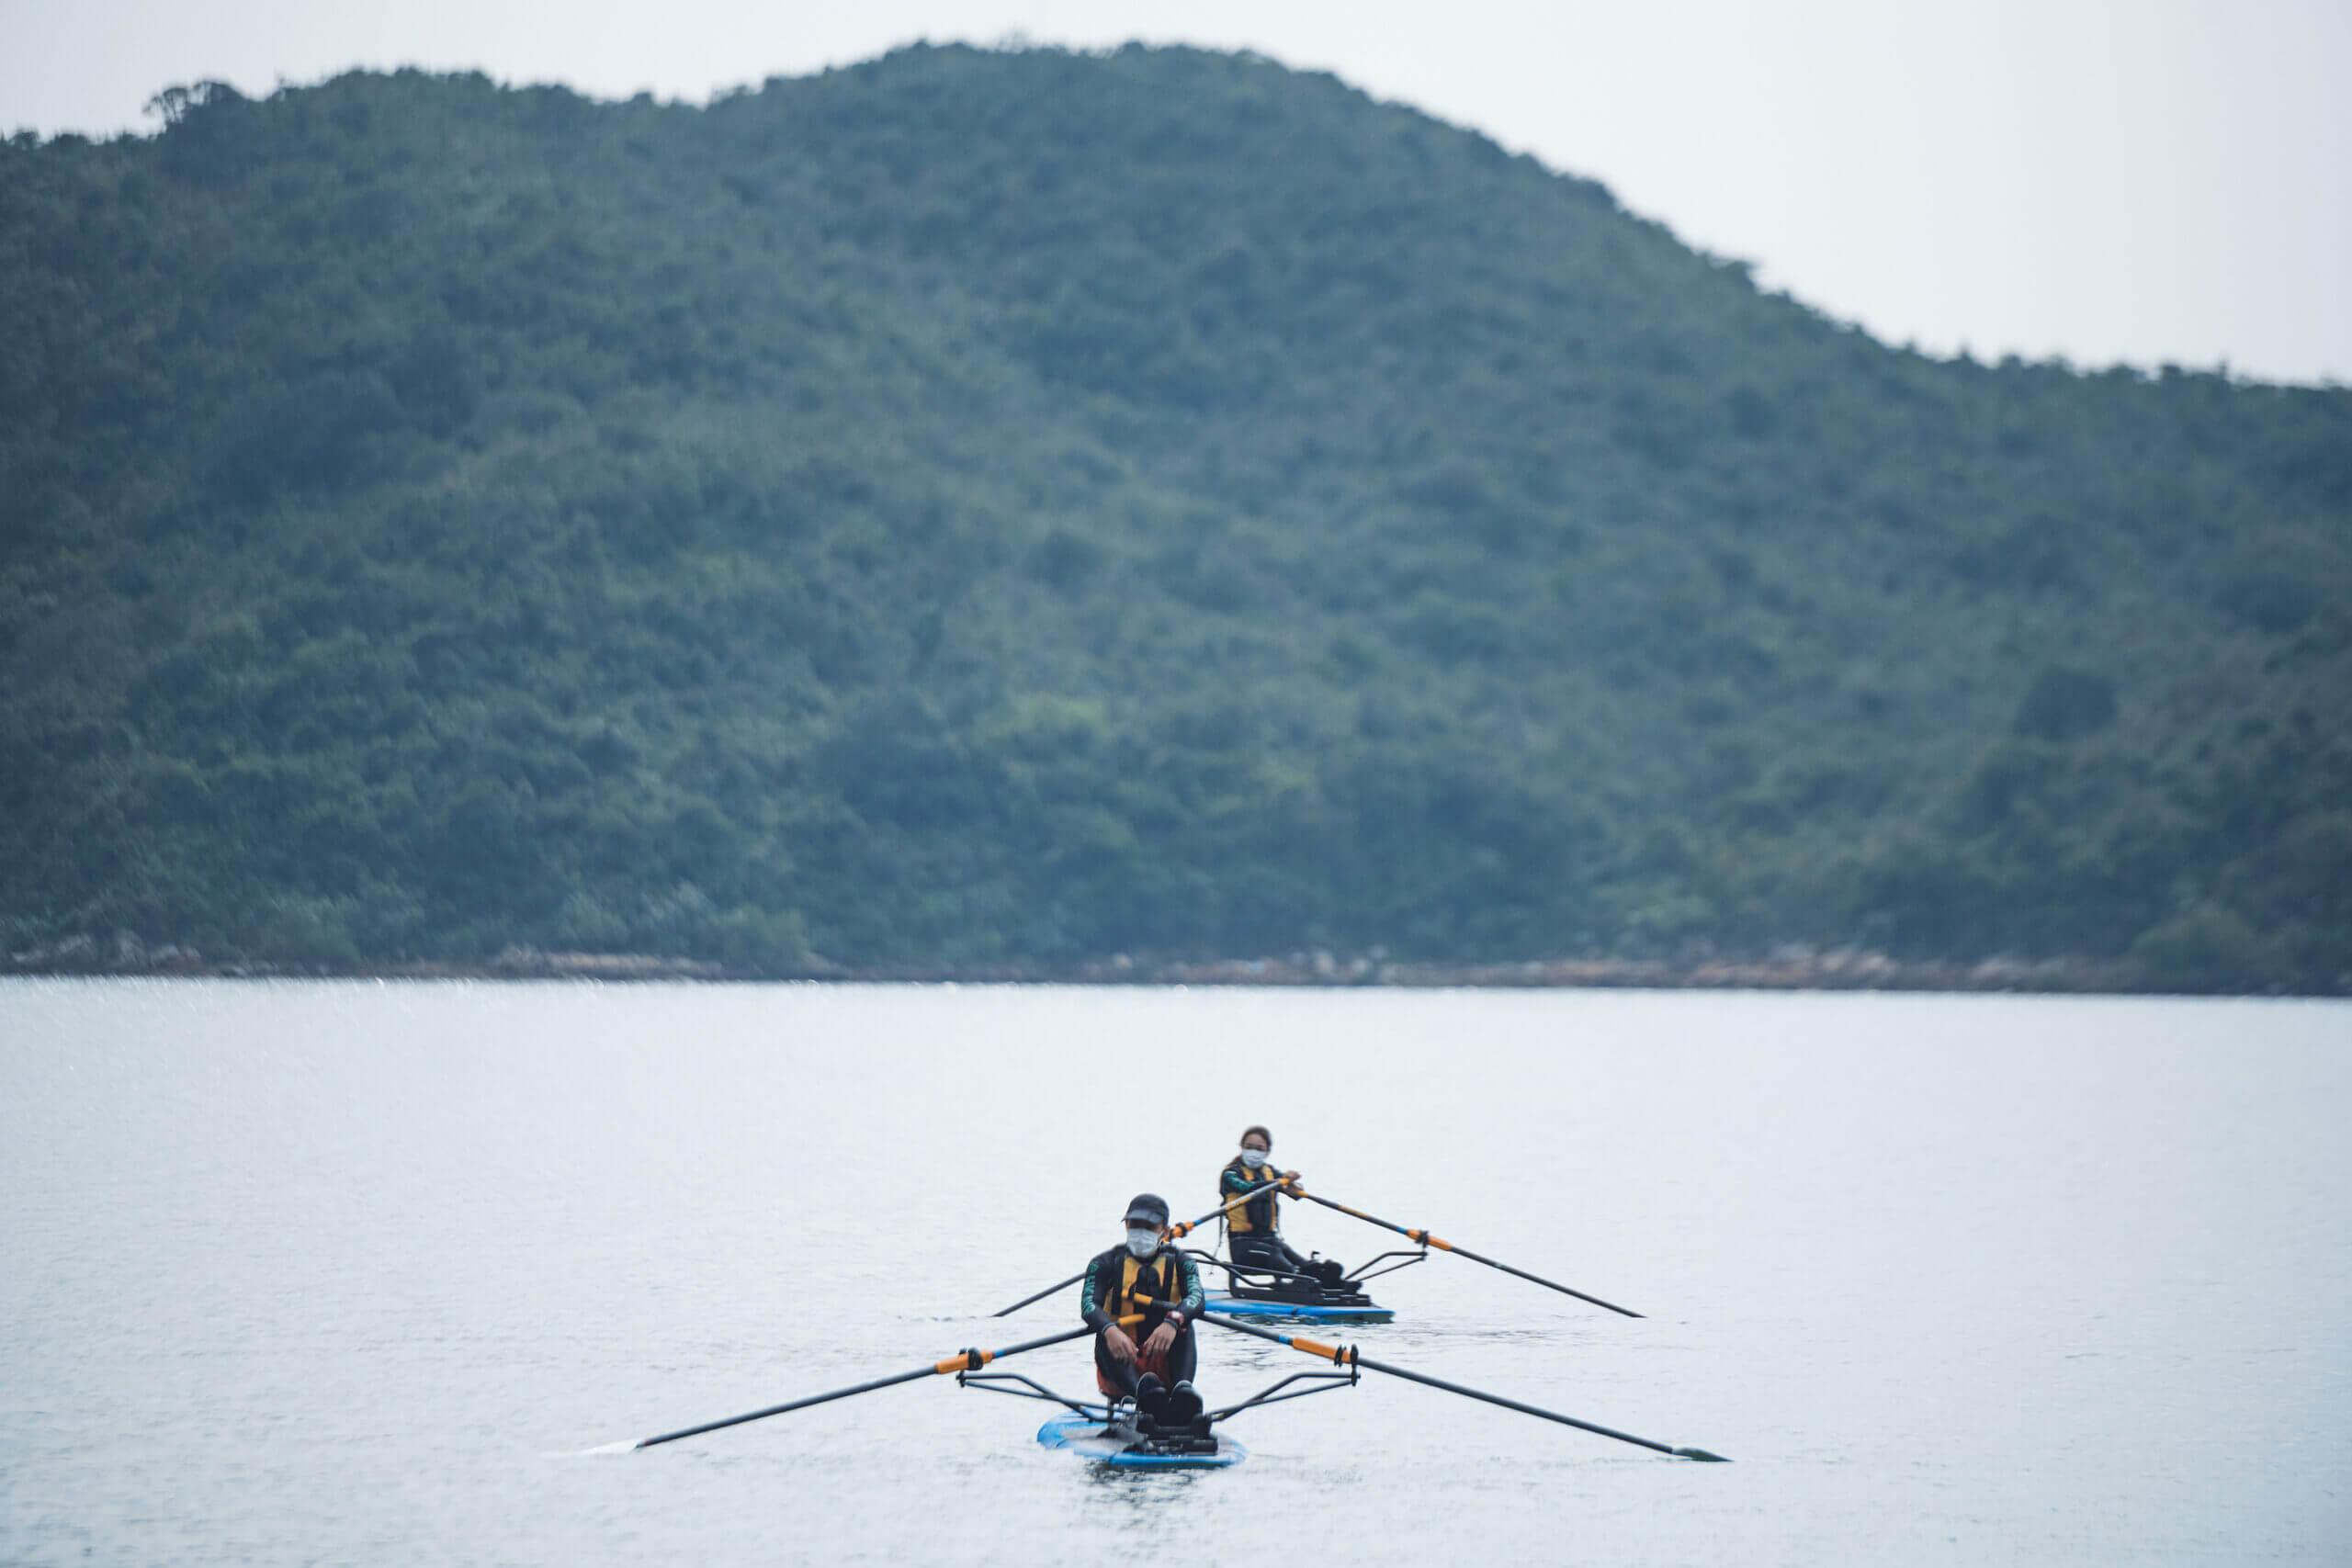 Sports Empower 青年起「動」計劃啟動禮 優先引入新興水上運動 — 平板賽艇 (Row on Board) 培訓青年成為教練 面對新常態下的不同挑戰 (Chinese Only)